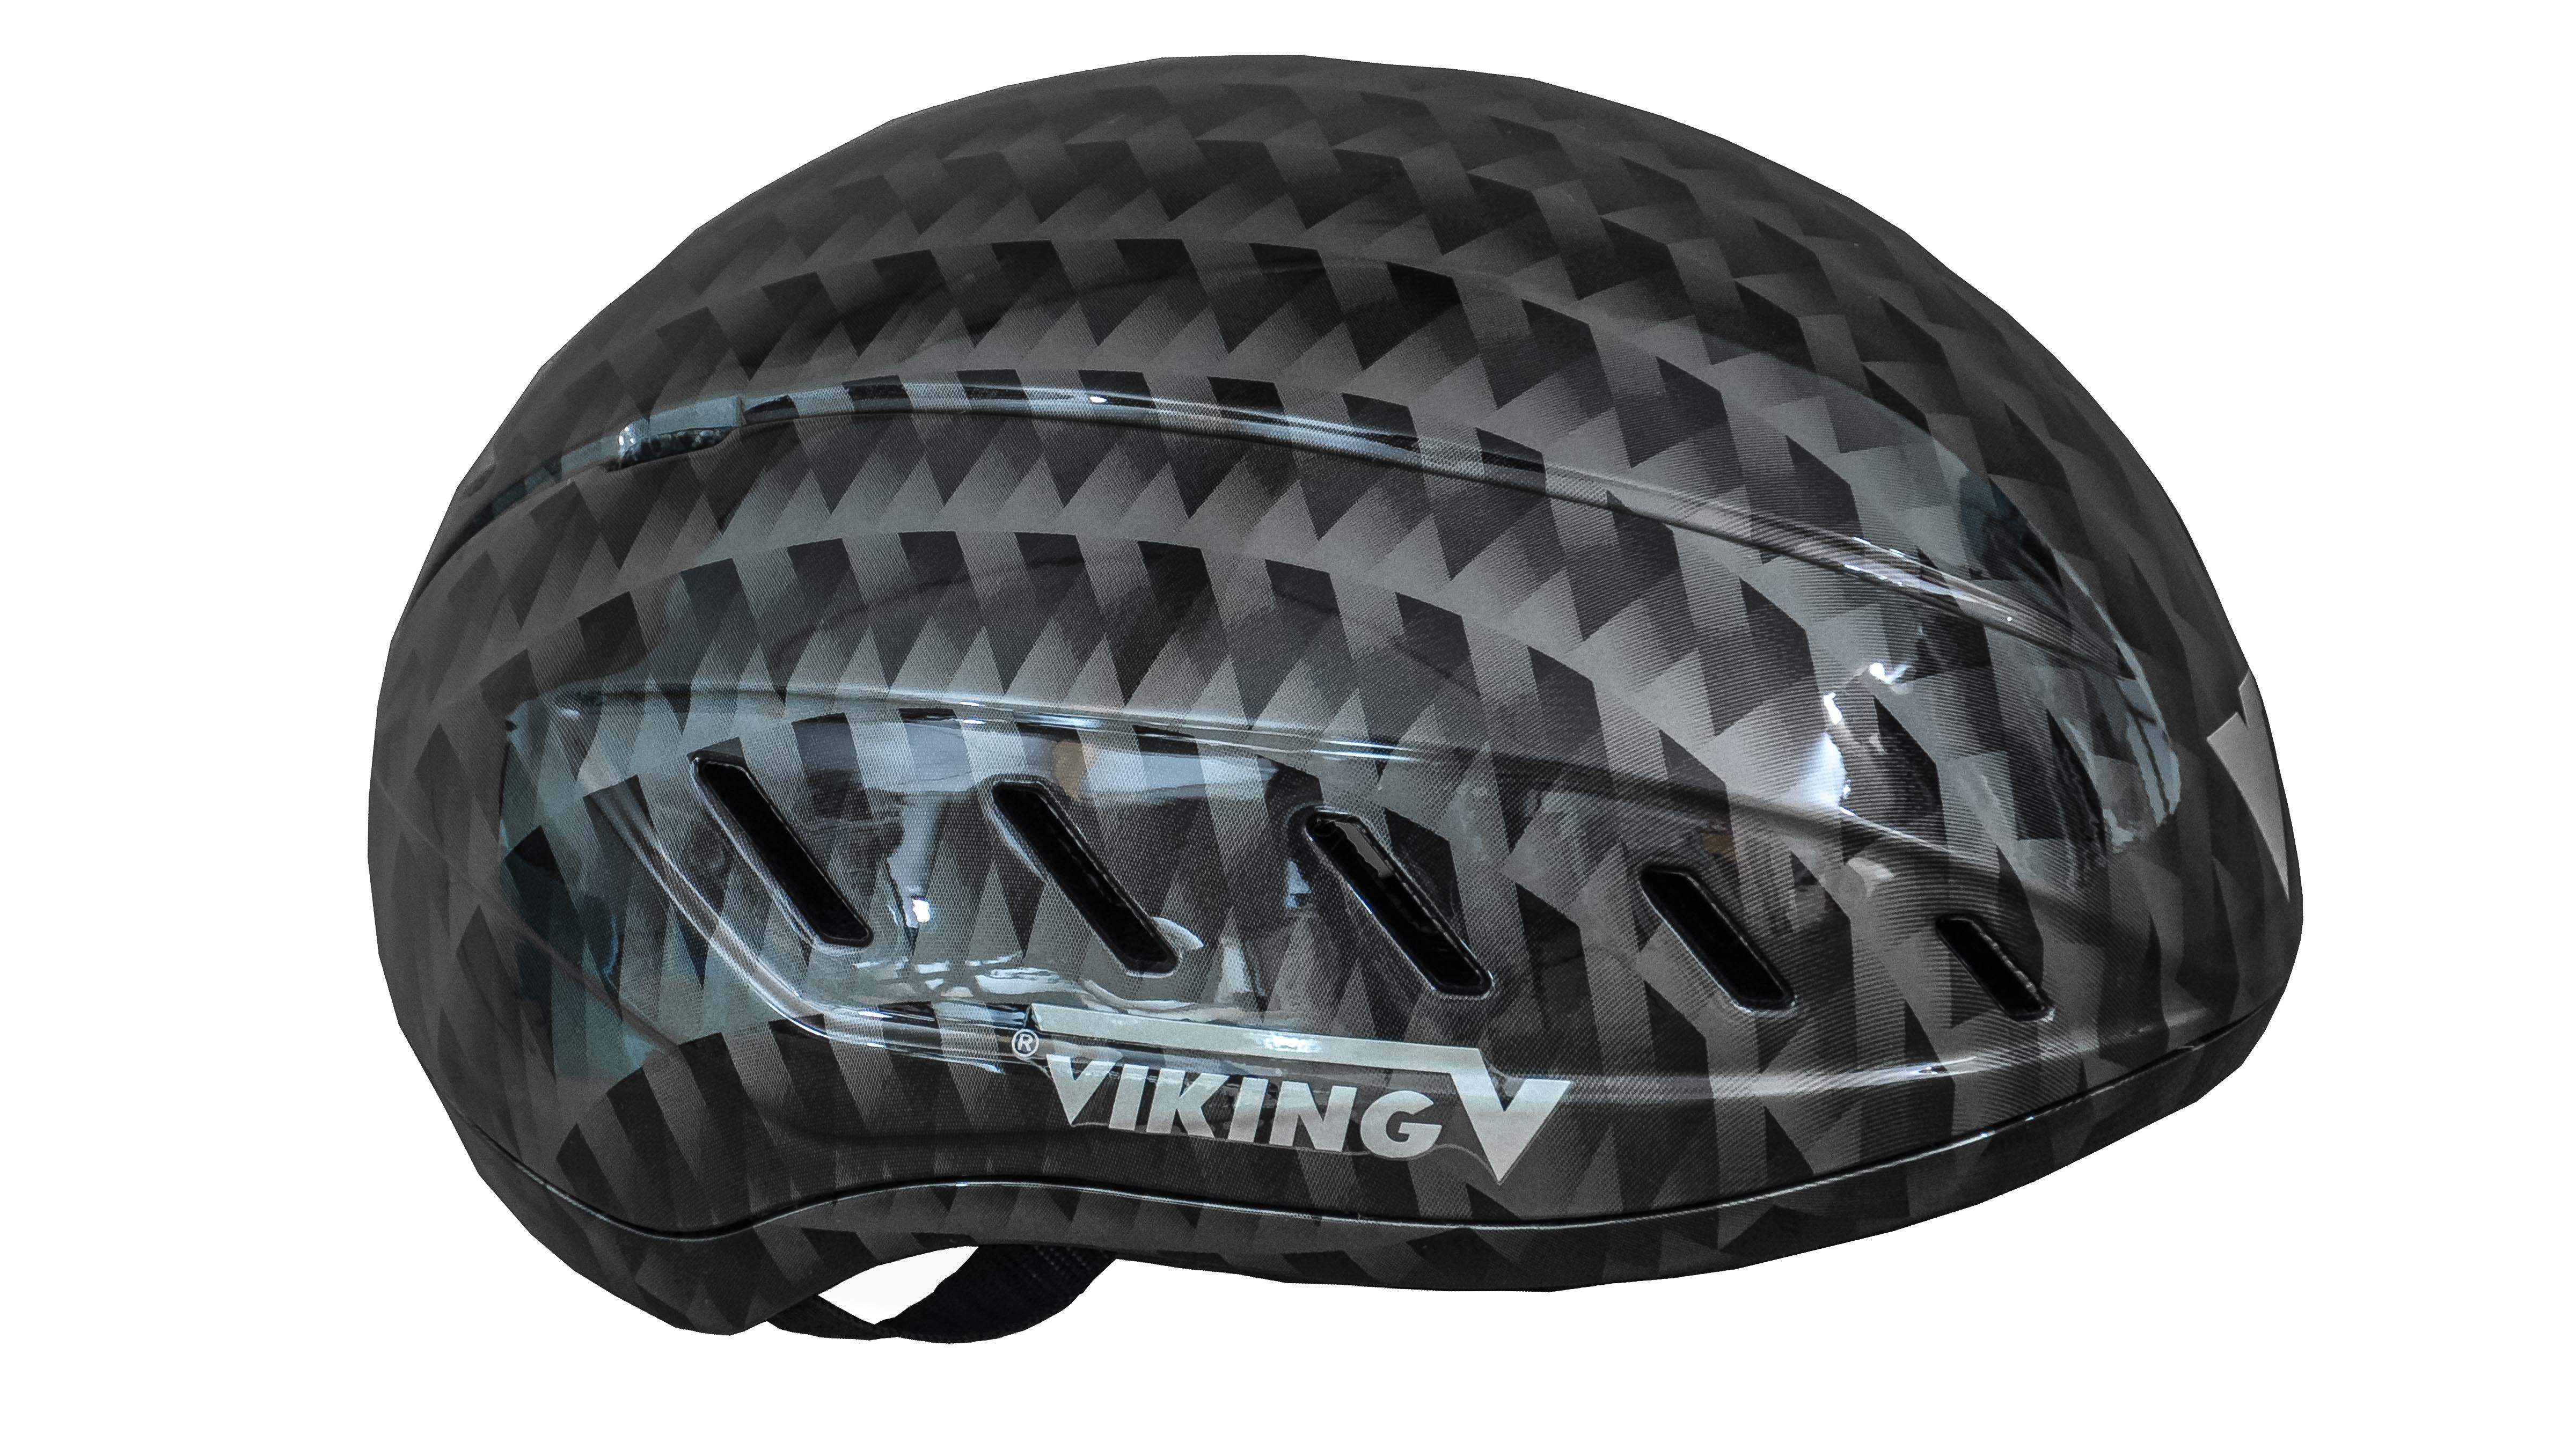 Afbeeldingsresultaat voor Viking schaatshelm